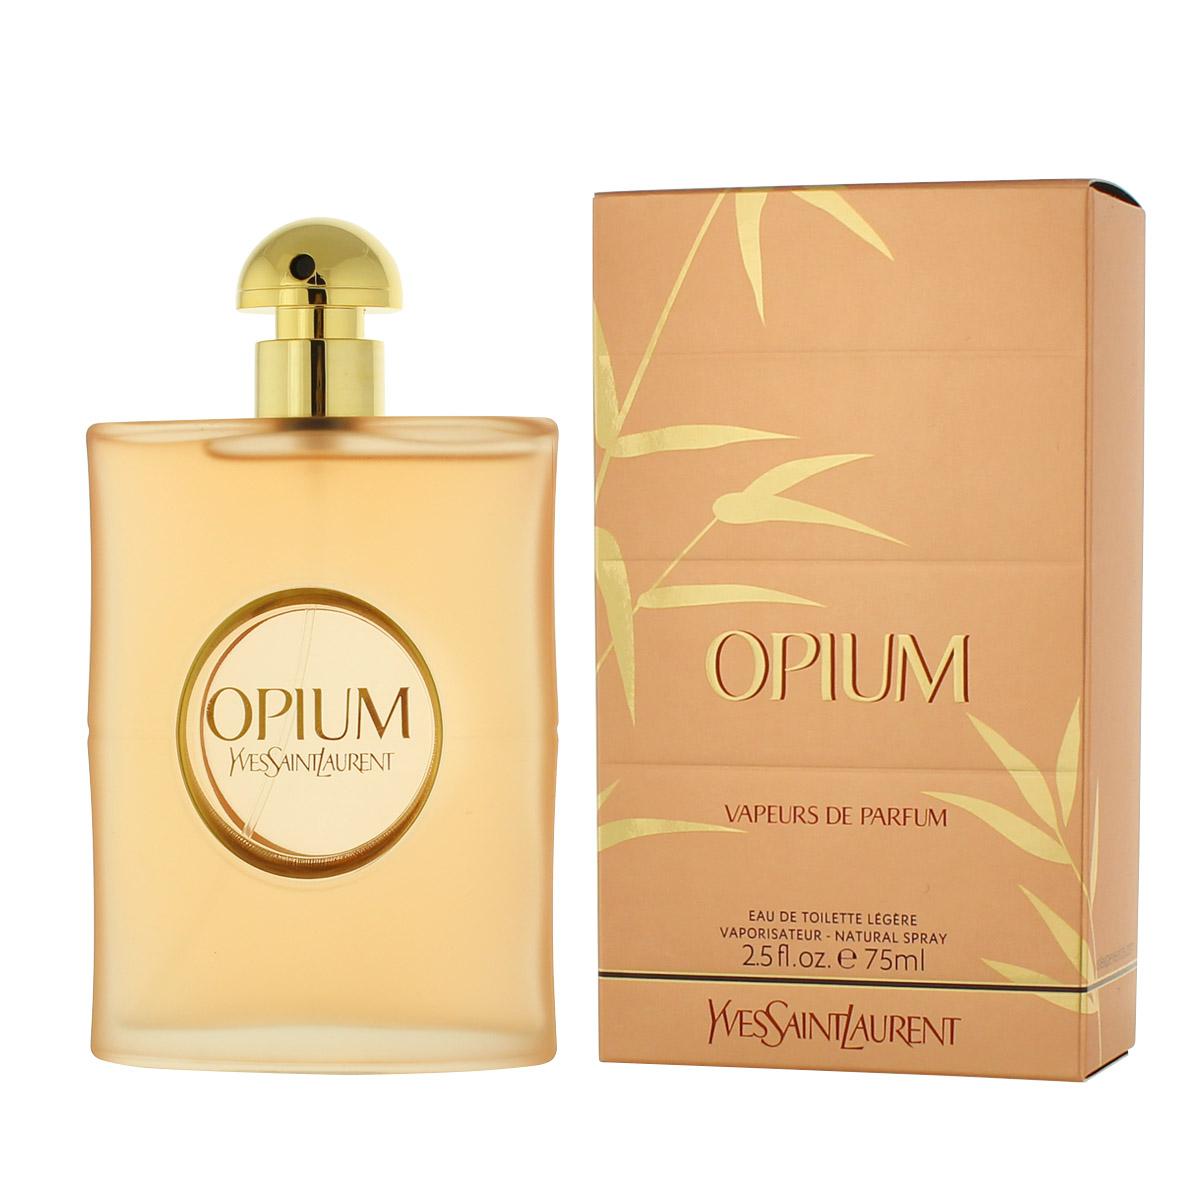 Yves Saint Laurent Opium Vapeurs de Parfum EDT 75 ml W